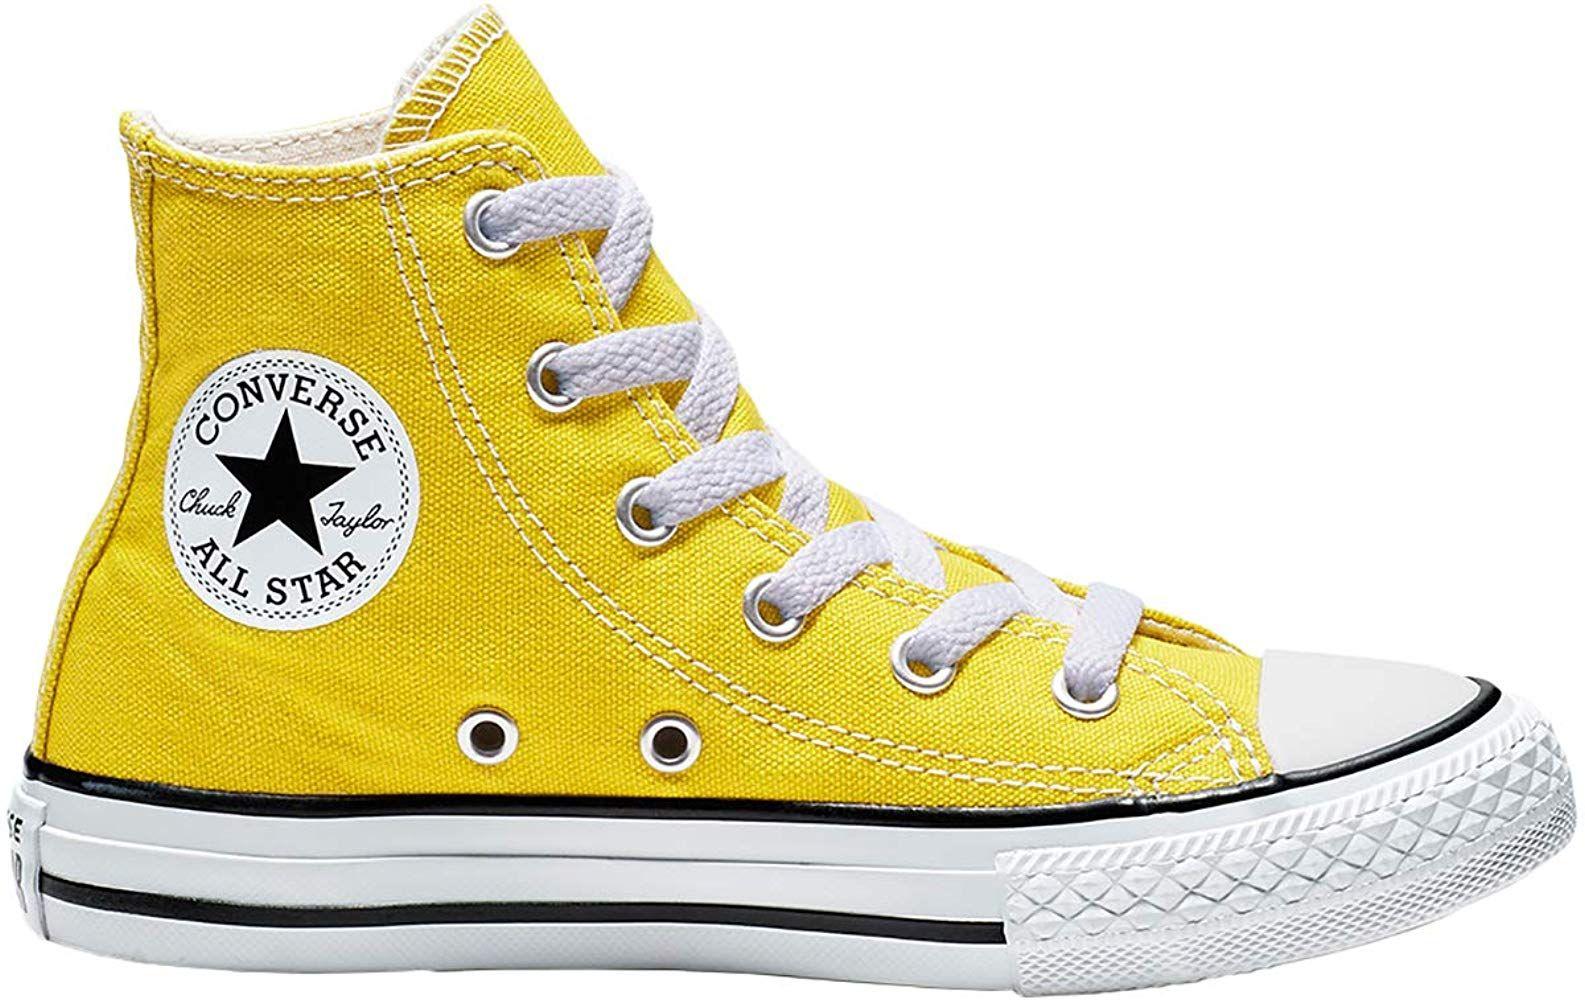 Ctas Hi Zapatos Deportivos Ninos Amarillo 663629 Amazon Es Zapatos Y Complementos Converse Chuck Zapatos Deportivos Zapatos